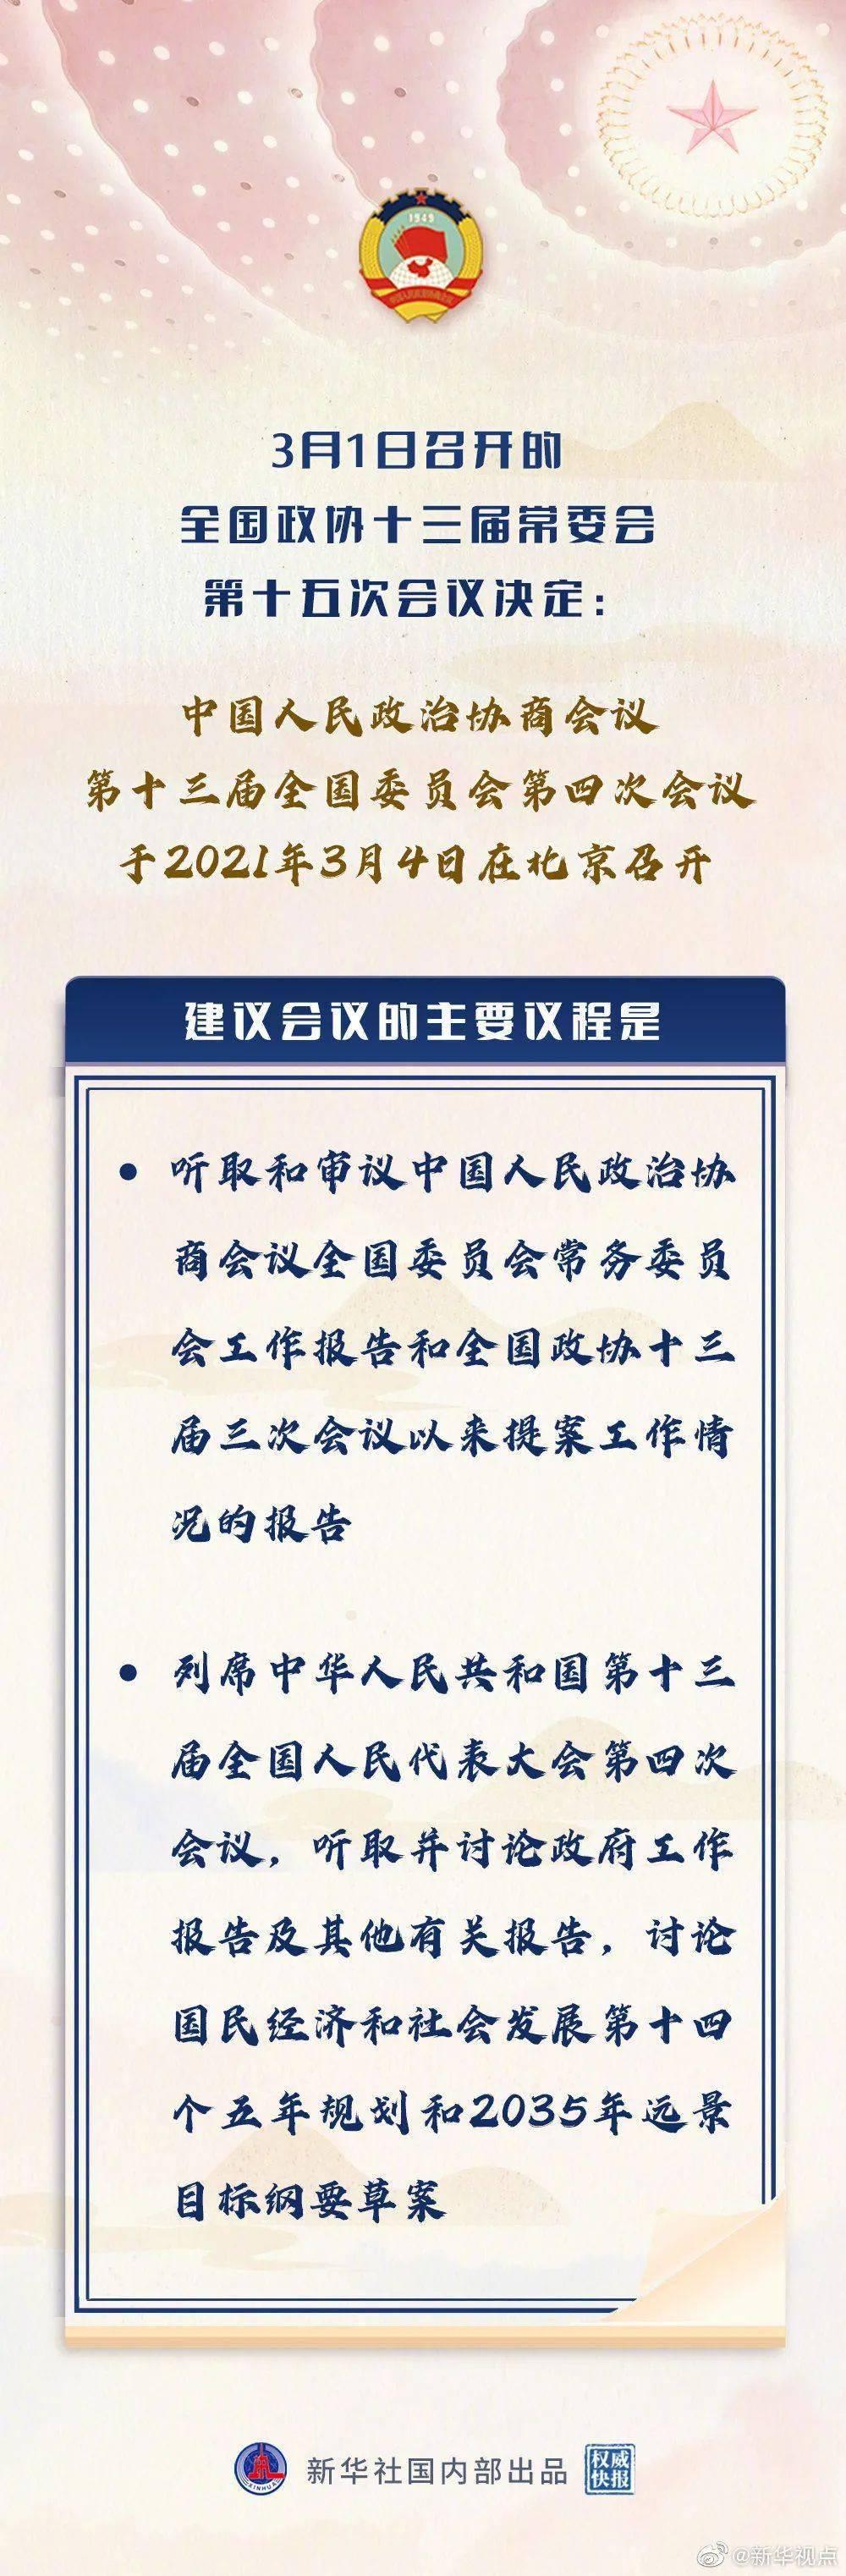 定了!全国政协会议3月4日在北京召开,这次重点关注→